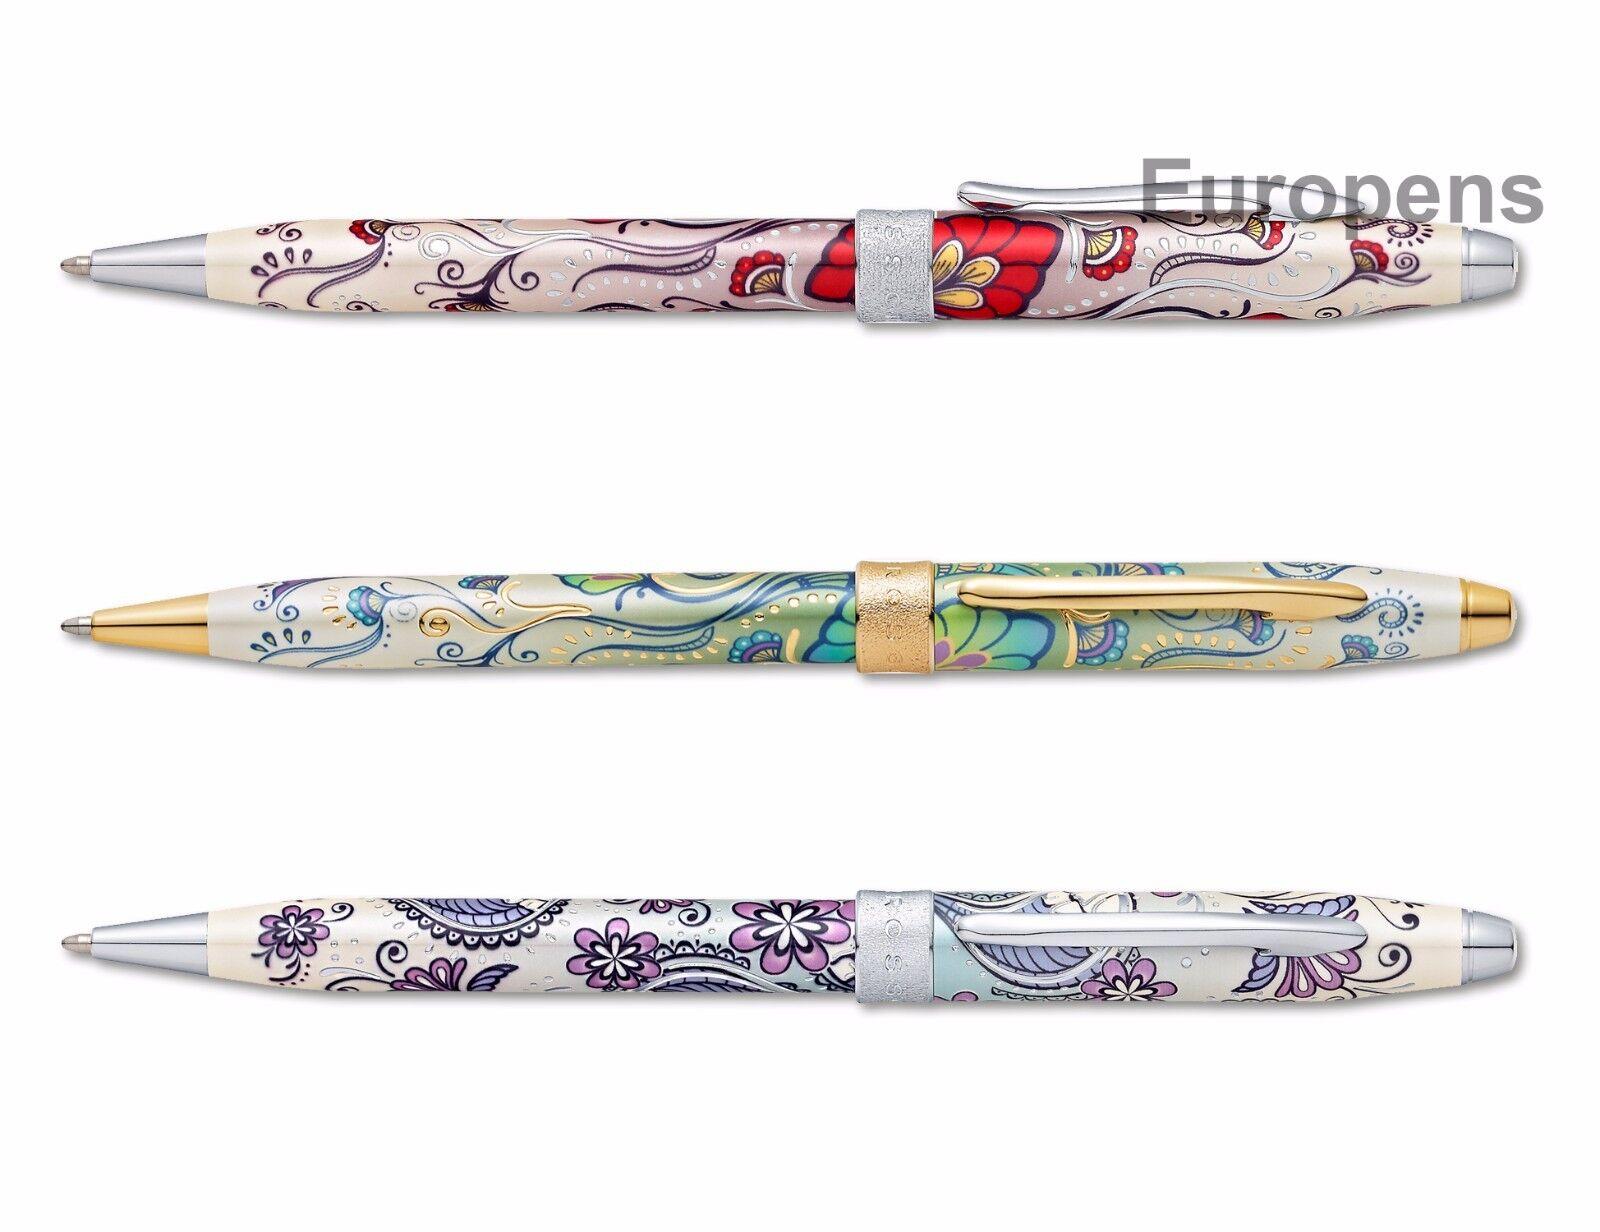 Cross Century II Botanica Kugelschreiber - geliefert in Geschenkbox - Wähle   Exquisite (mittlere) Verarbeitung    Neuer Eintrag    Qualität und Quantität garantiert